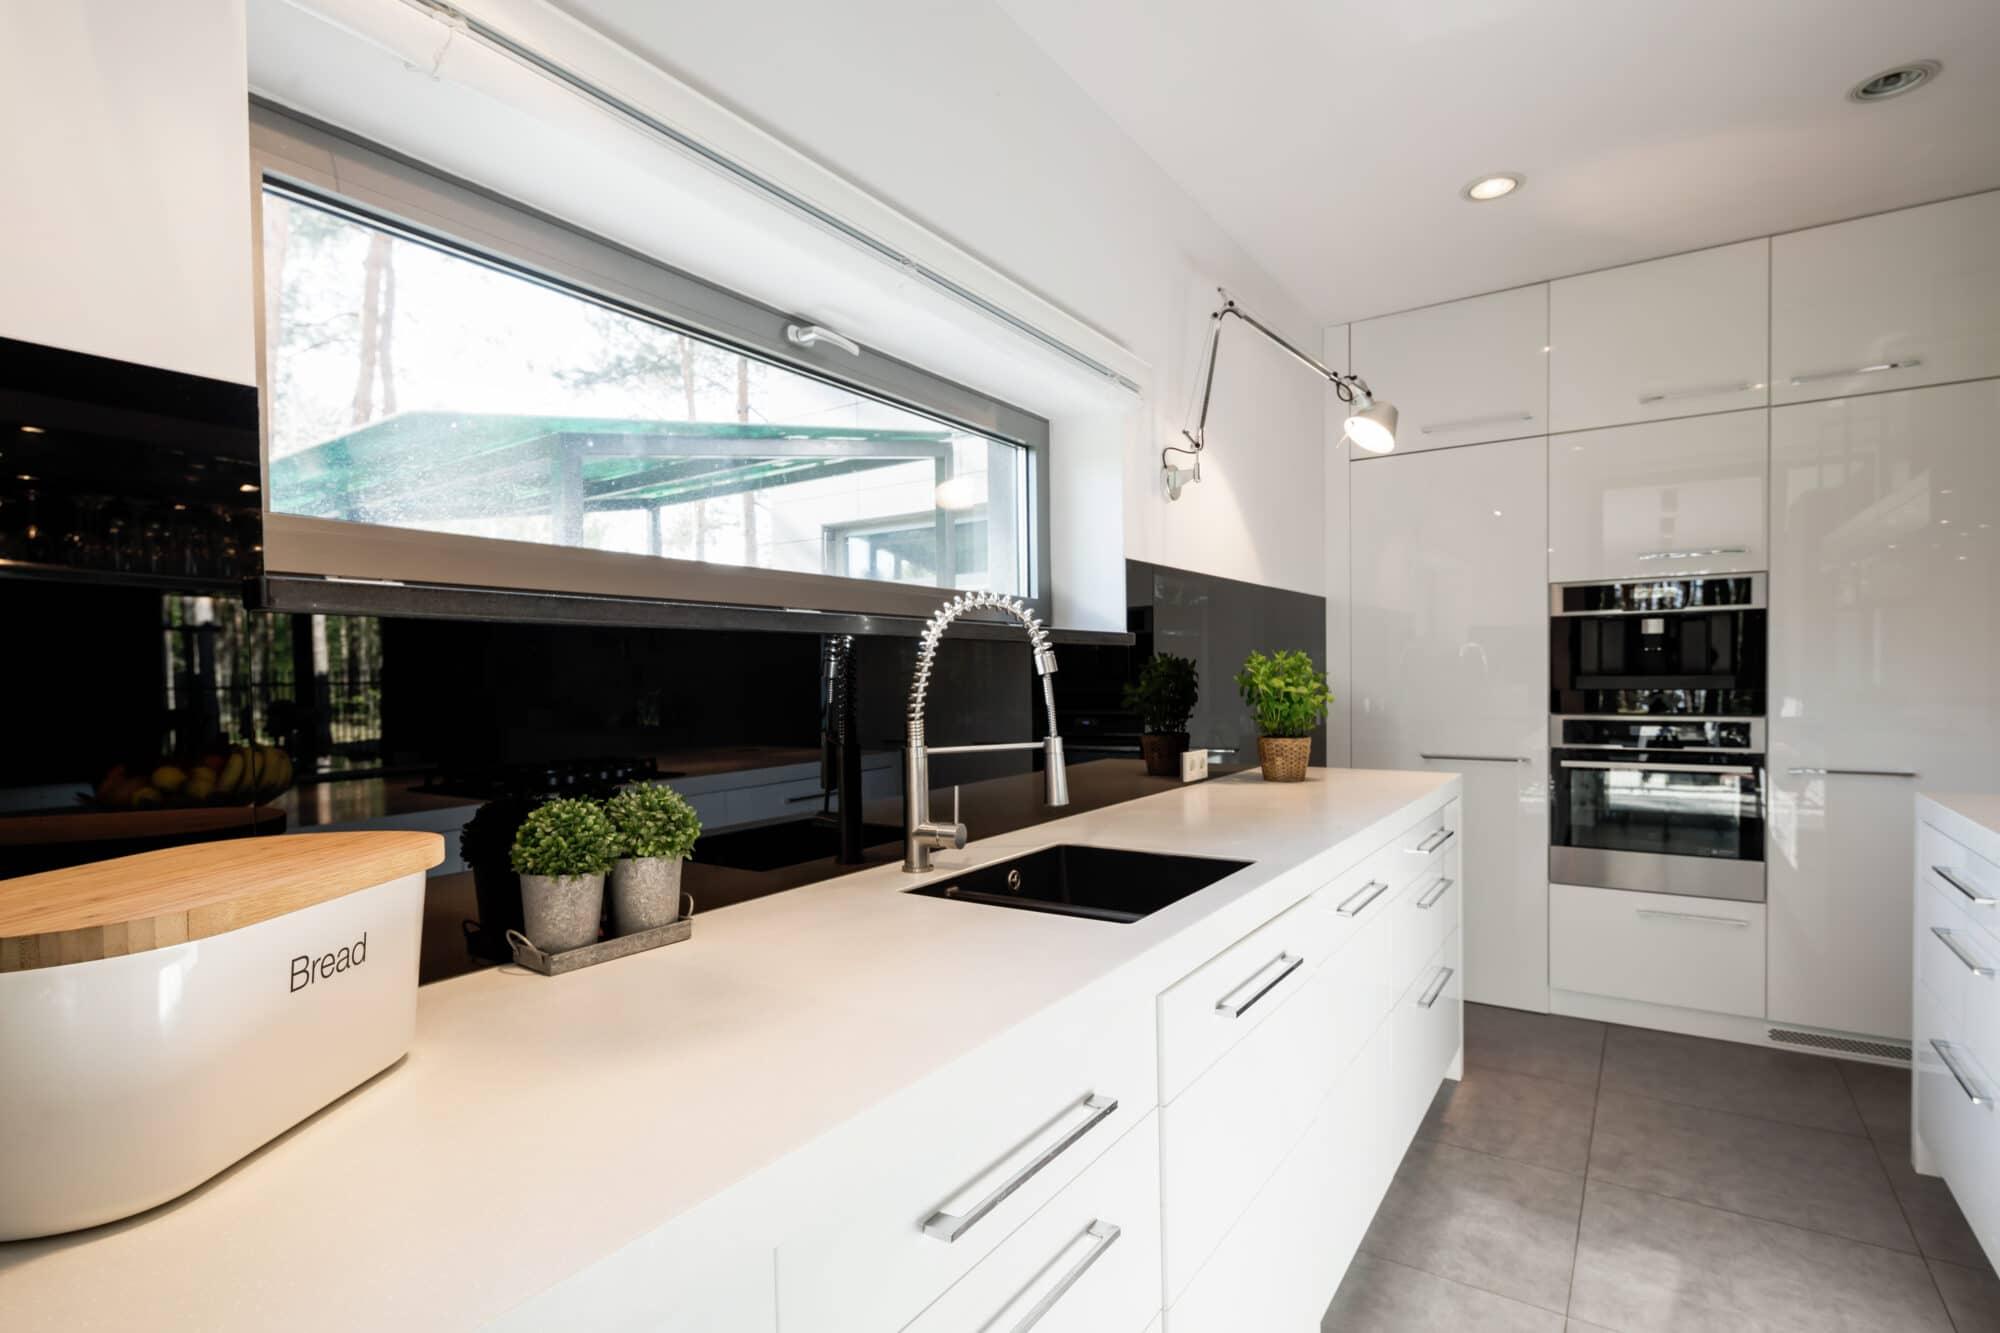 ¿Qué material elegir para los muebles de cocina?